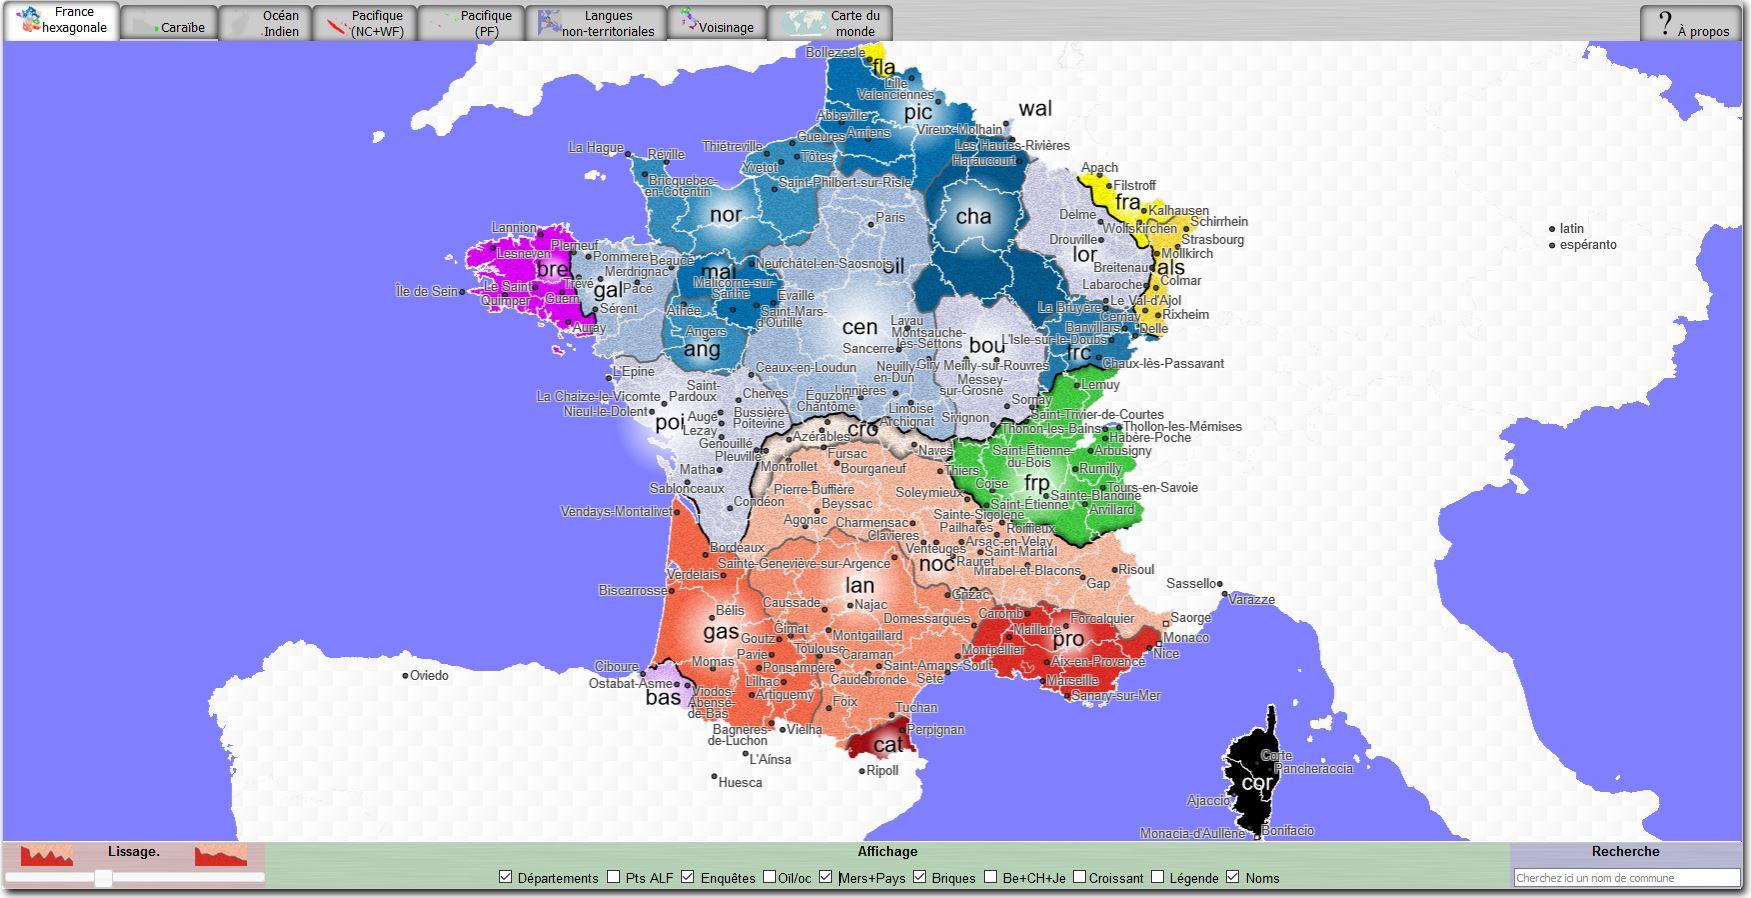 atlas-sonore-langues-regionales-france Cet atlas sonore vous permet de découvrir les langues régionales de France